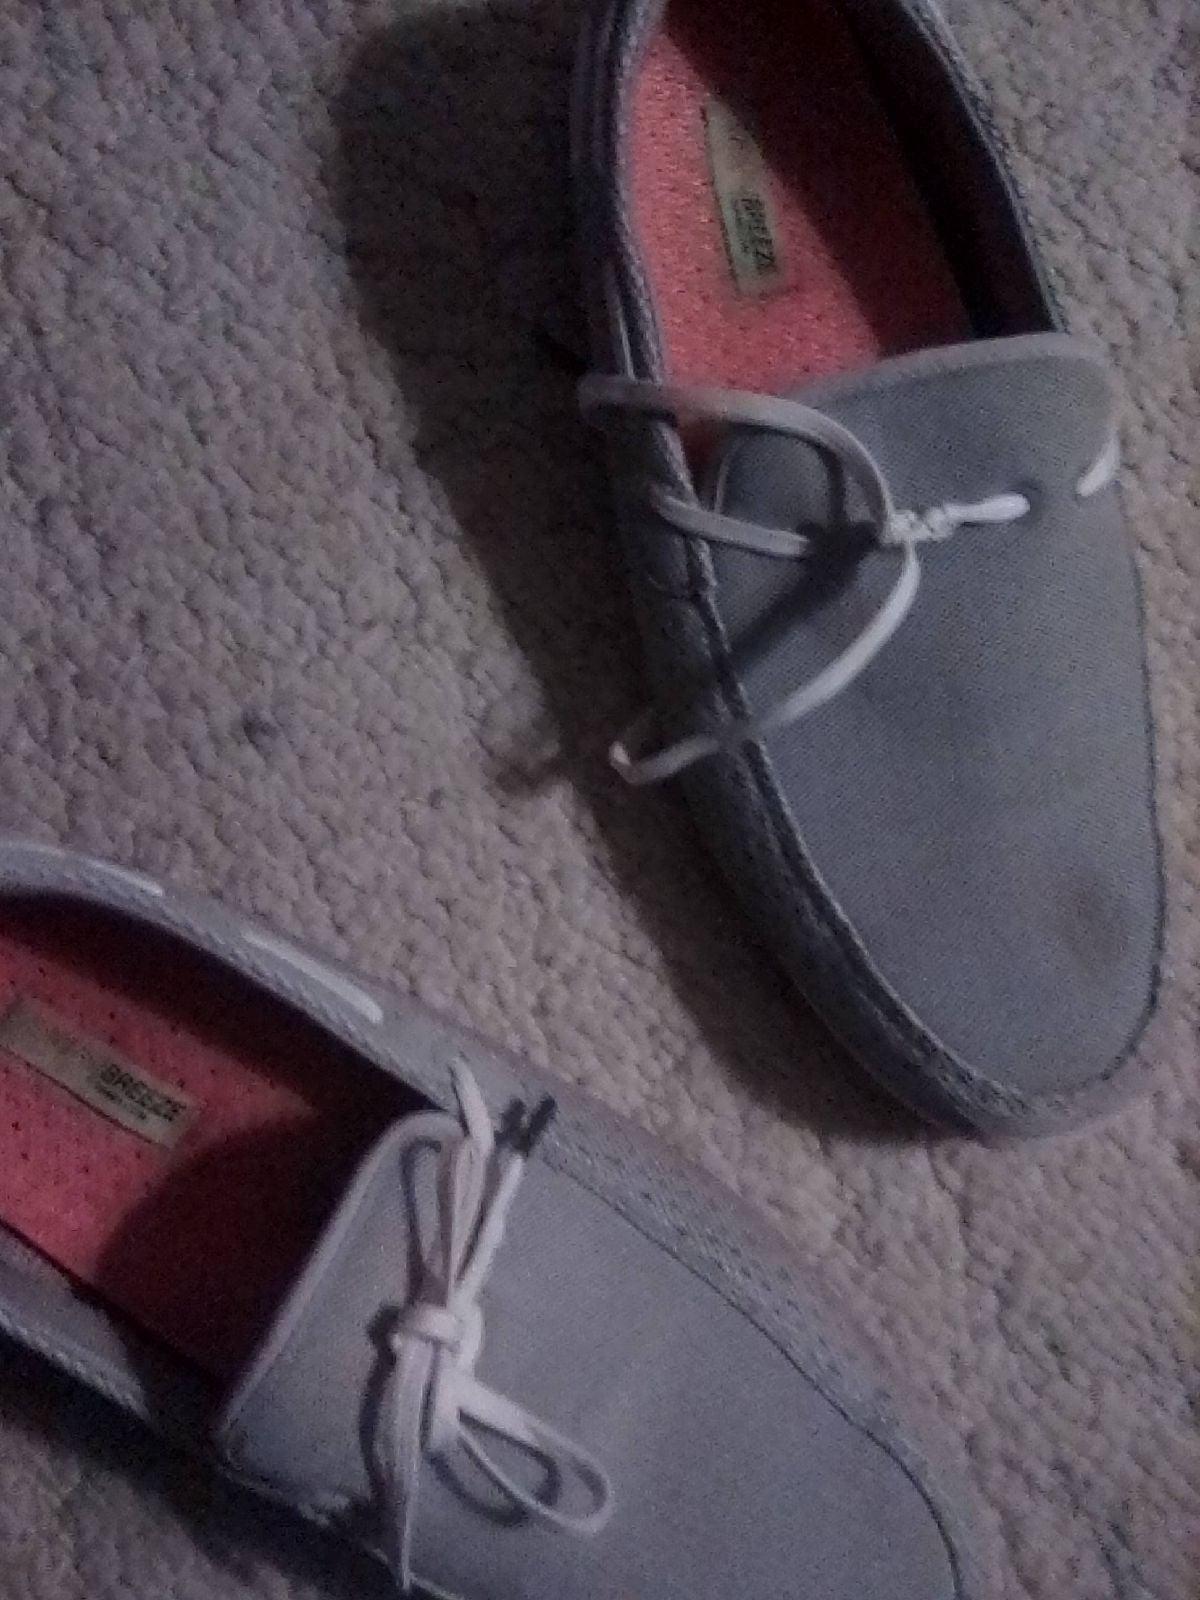 men shoes size 11